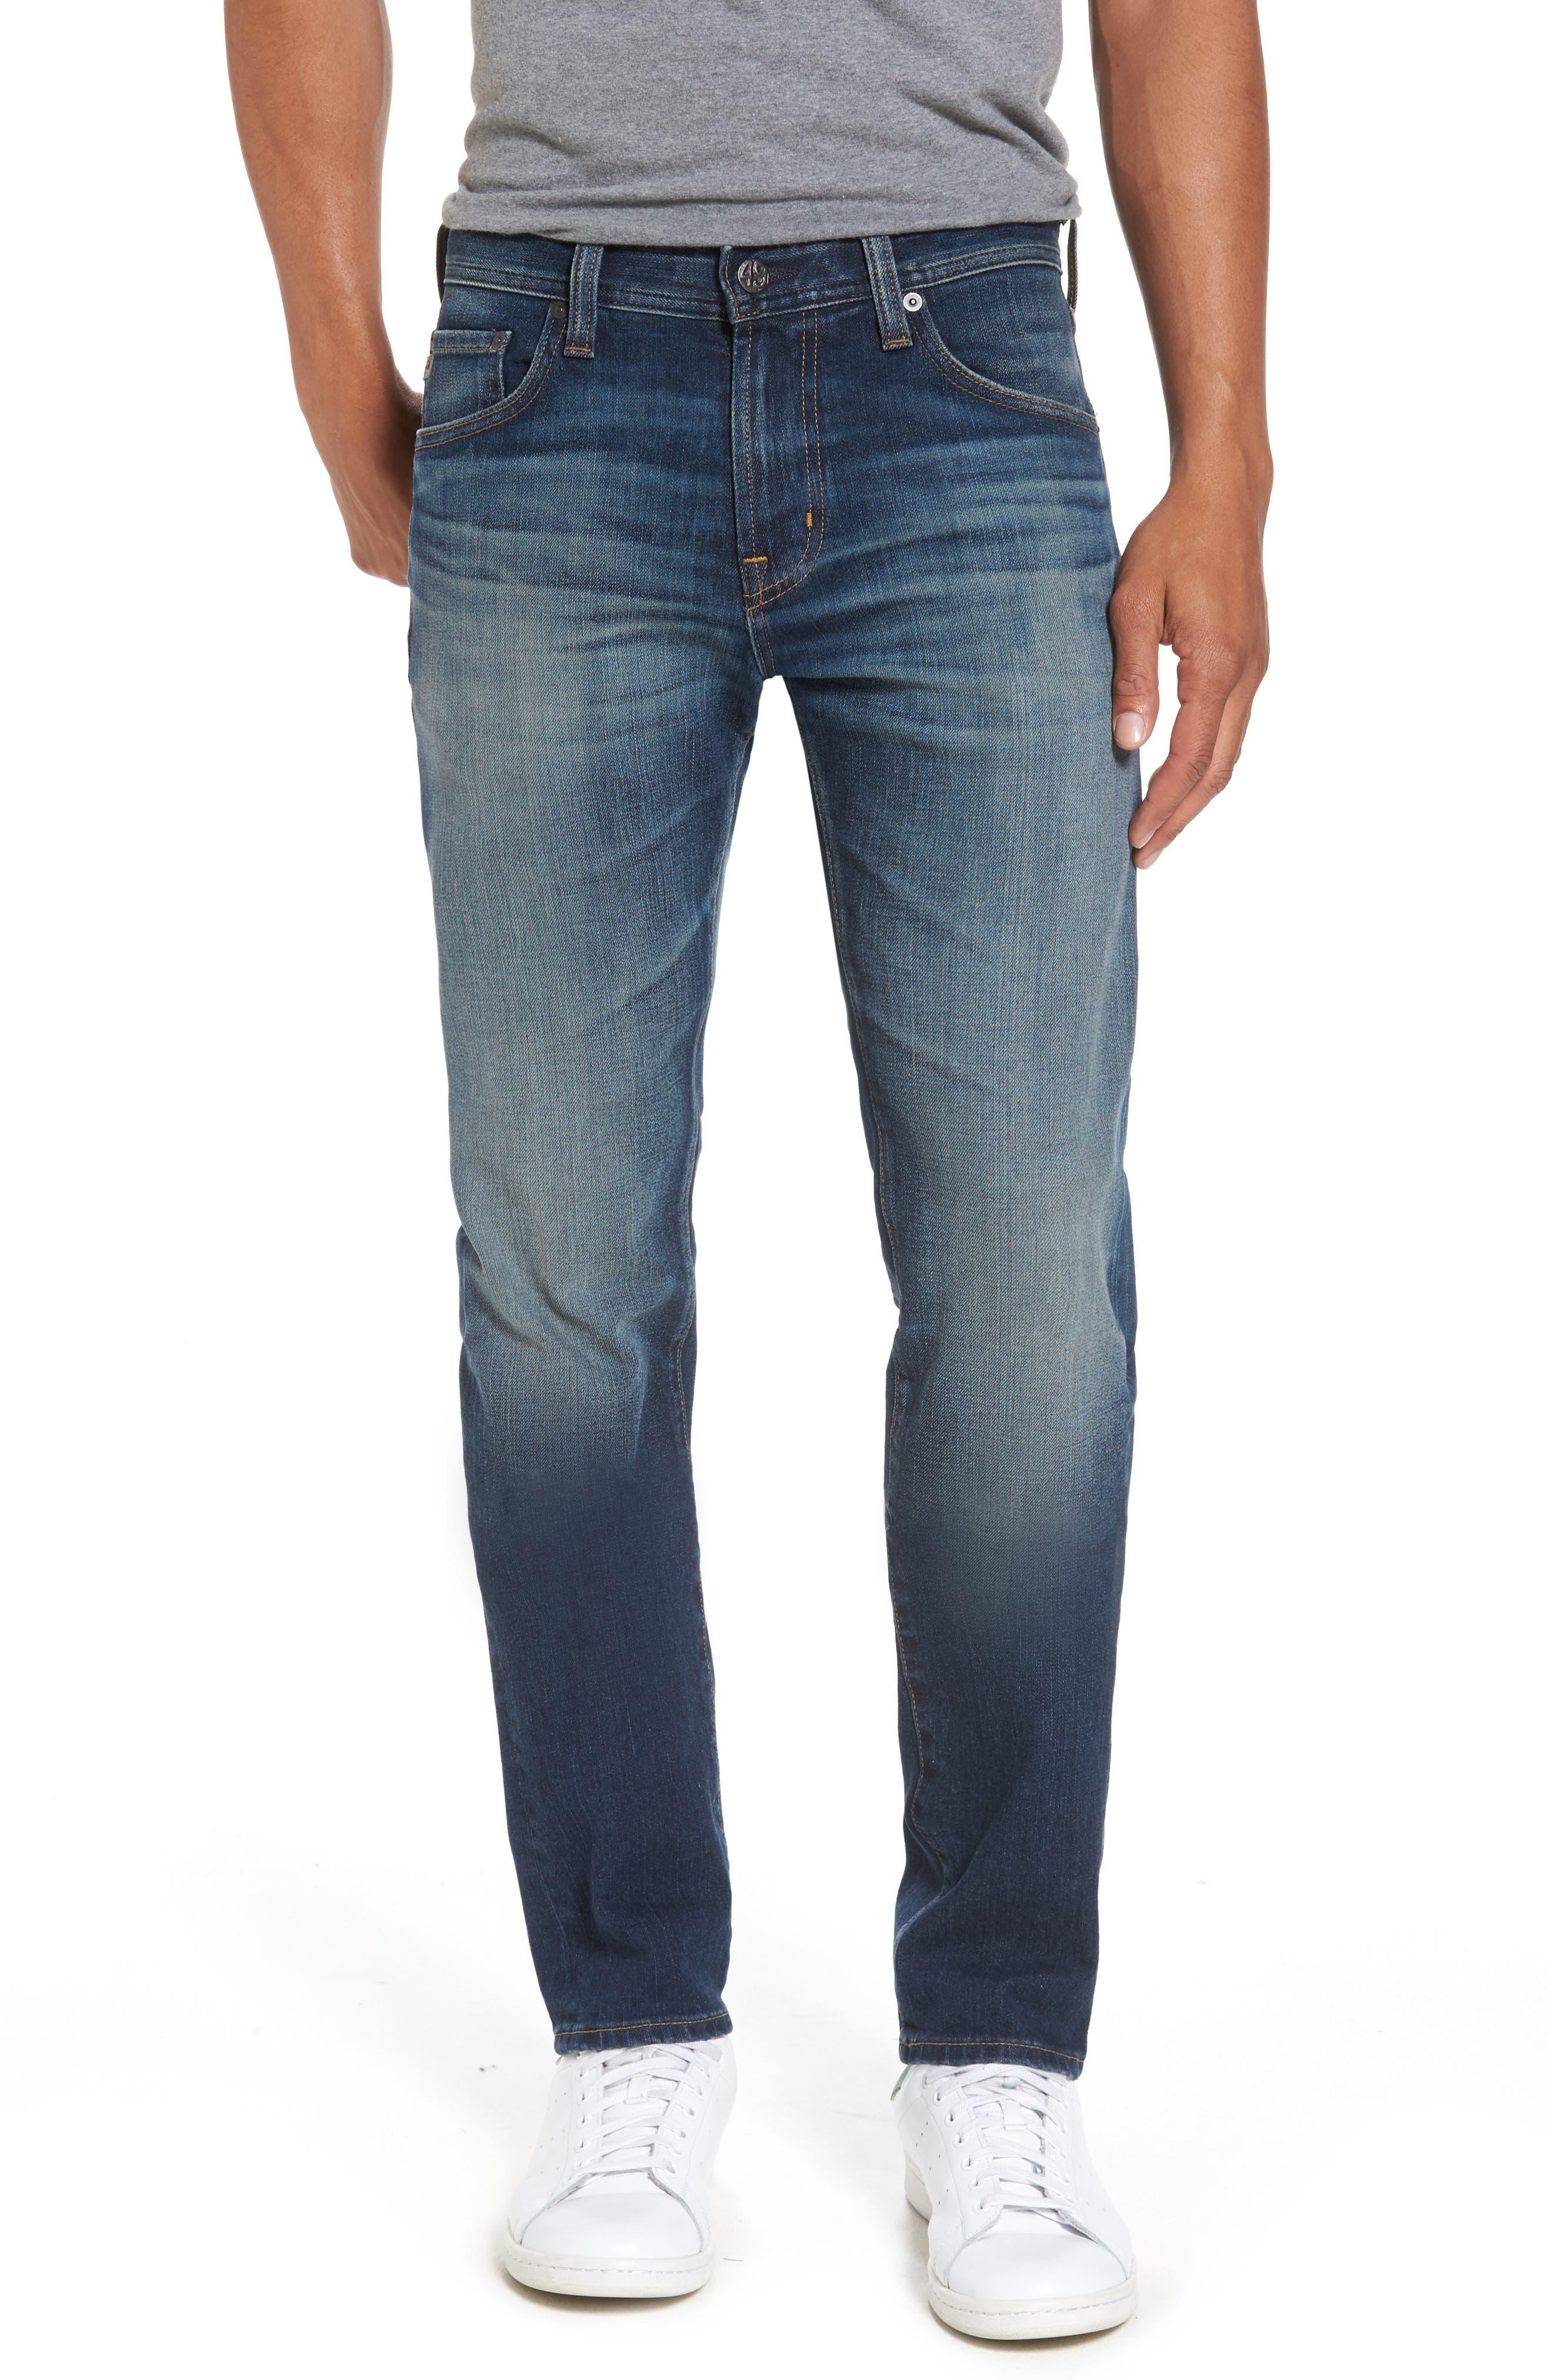 Tellis Slim Fit Jeans,                         Main,                         color, 496